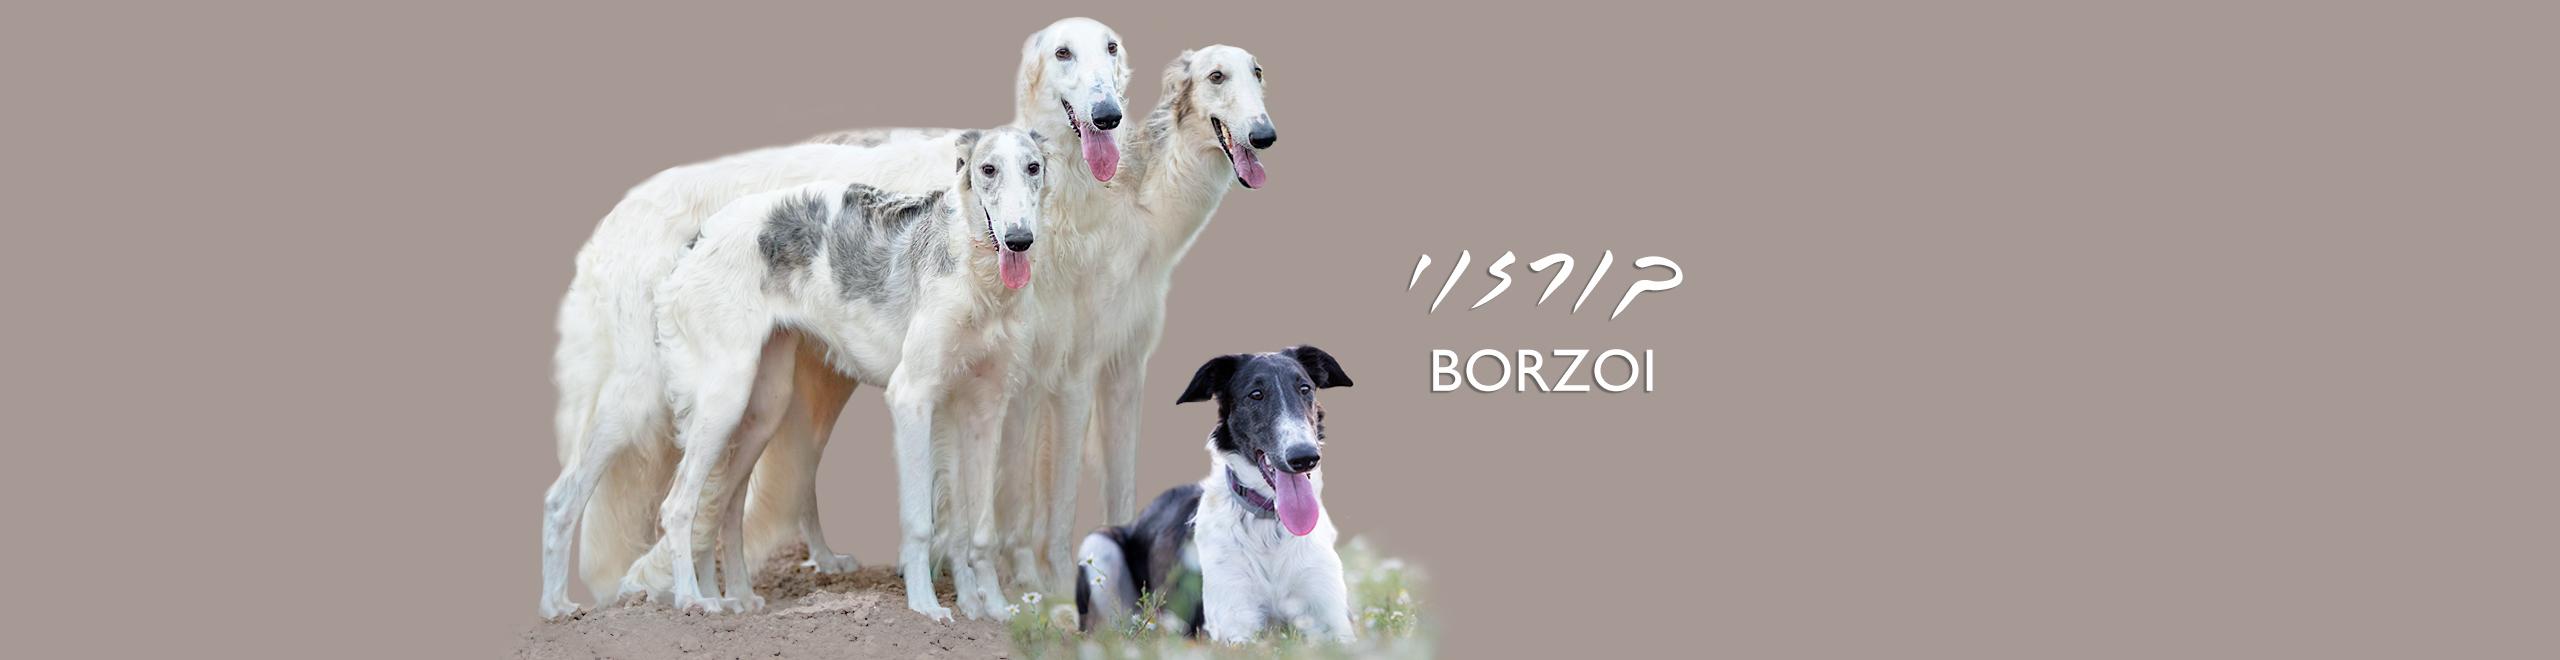 Borzoi בורזוי